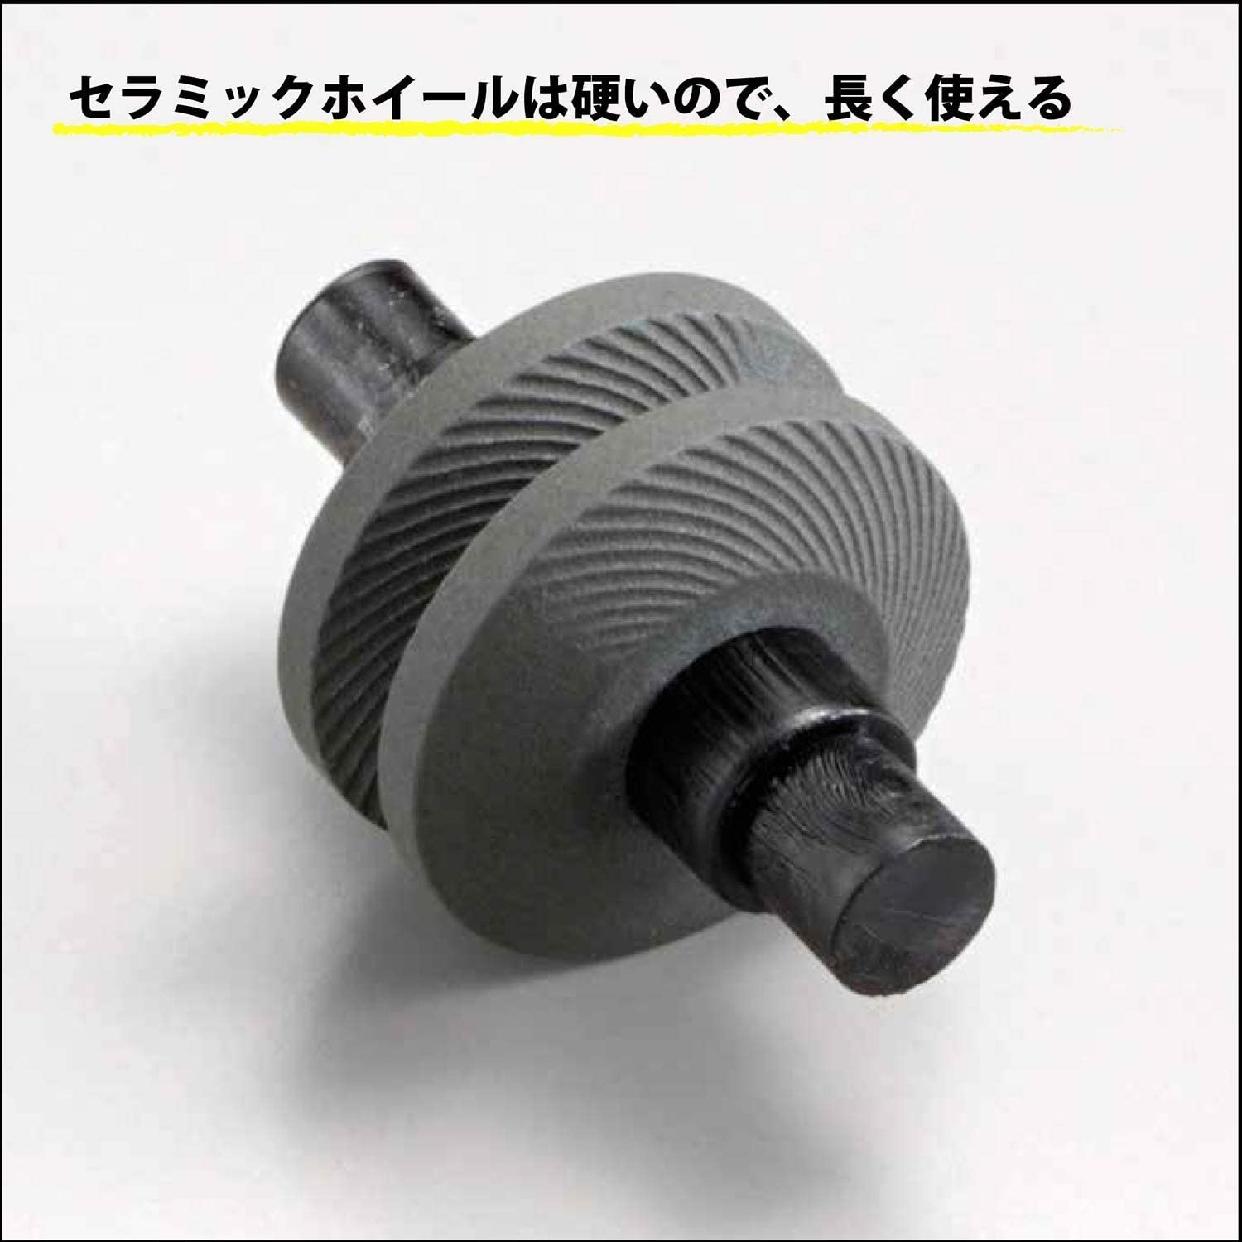 京セラ(キョウセラ)ロールシャープナー RS-20BKの商品画像4